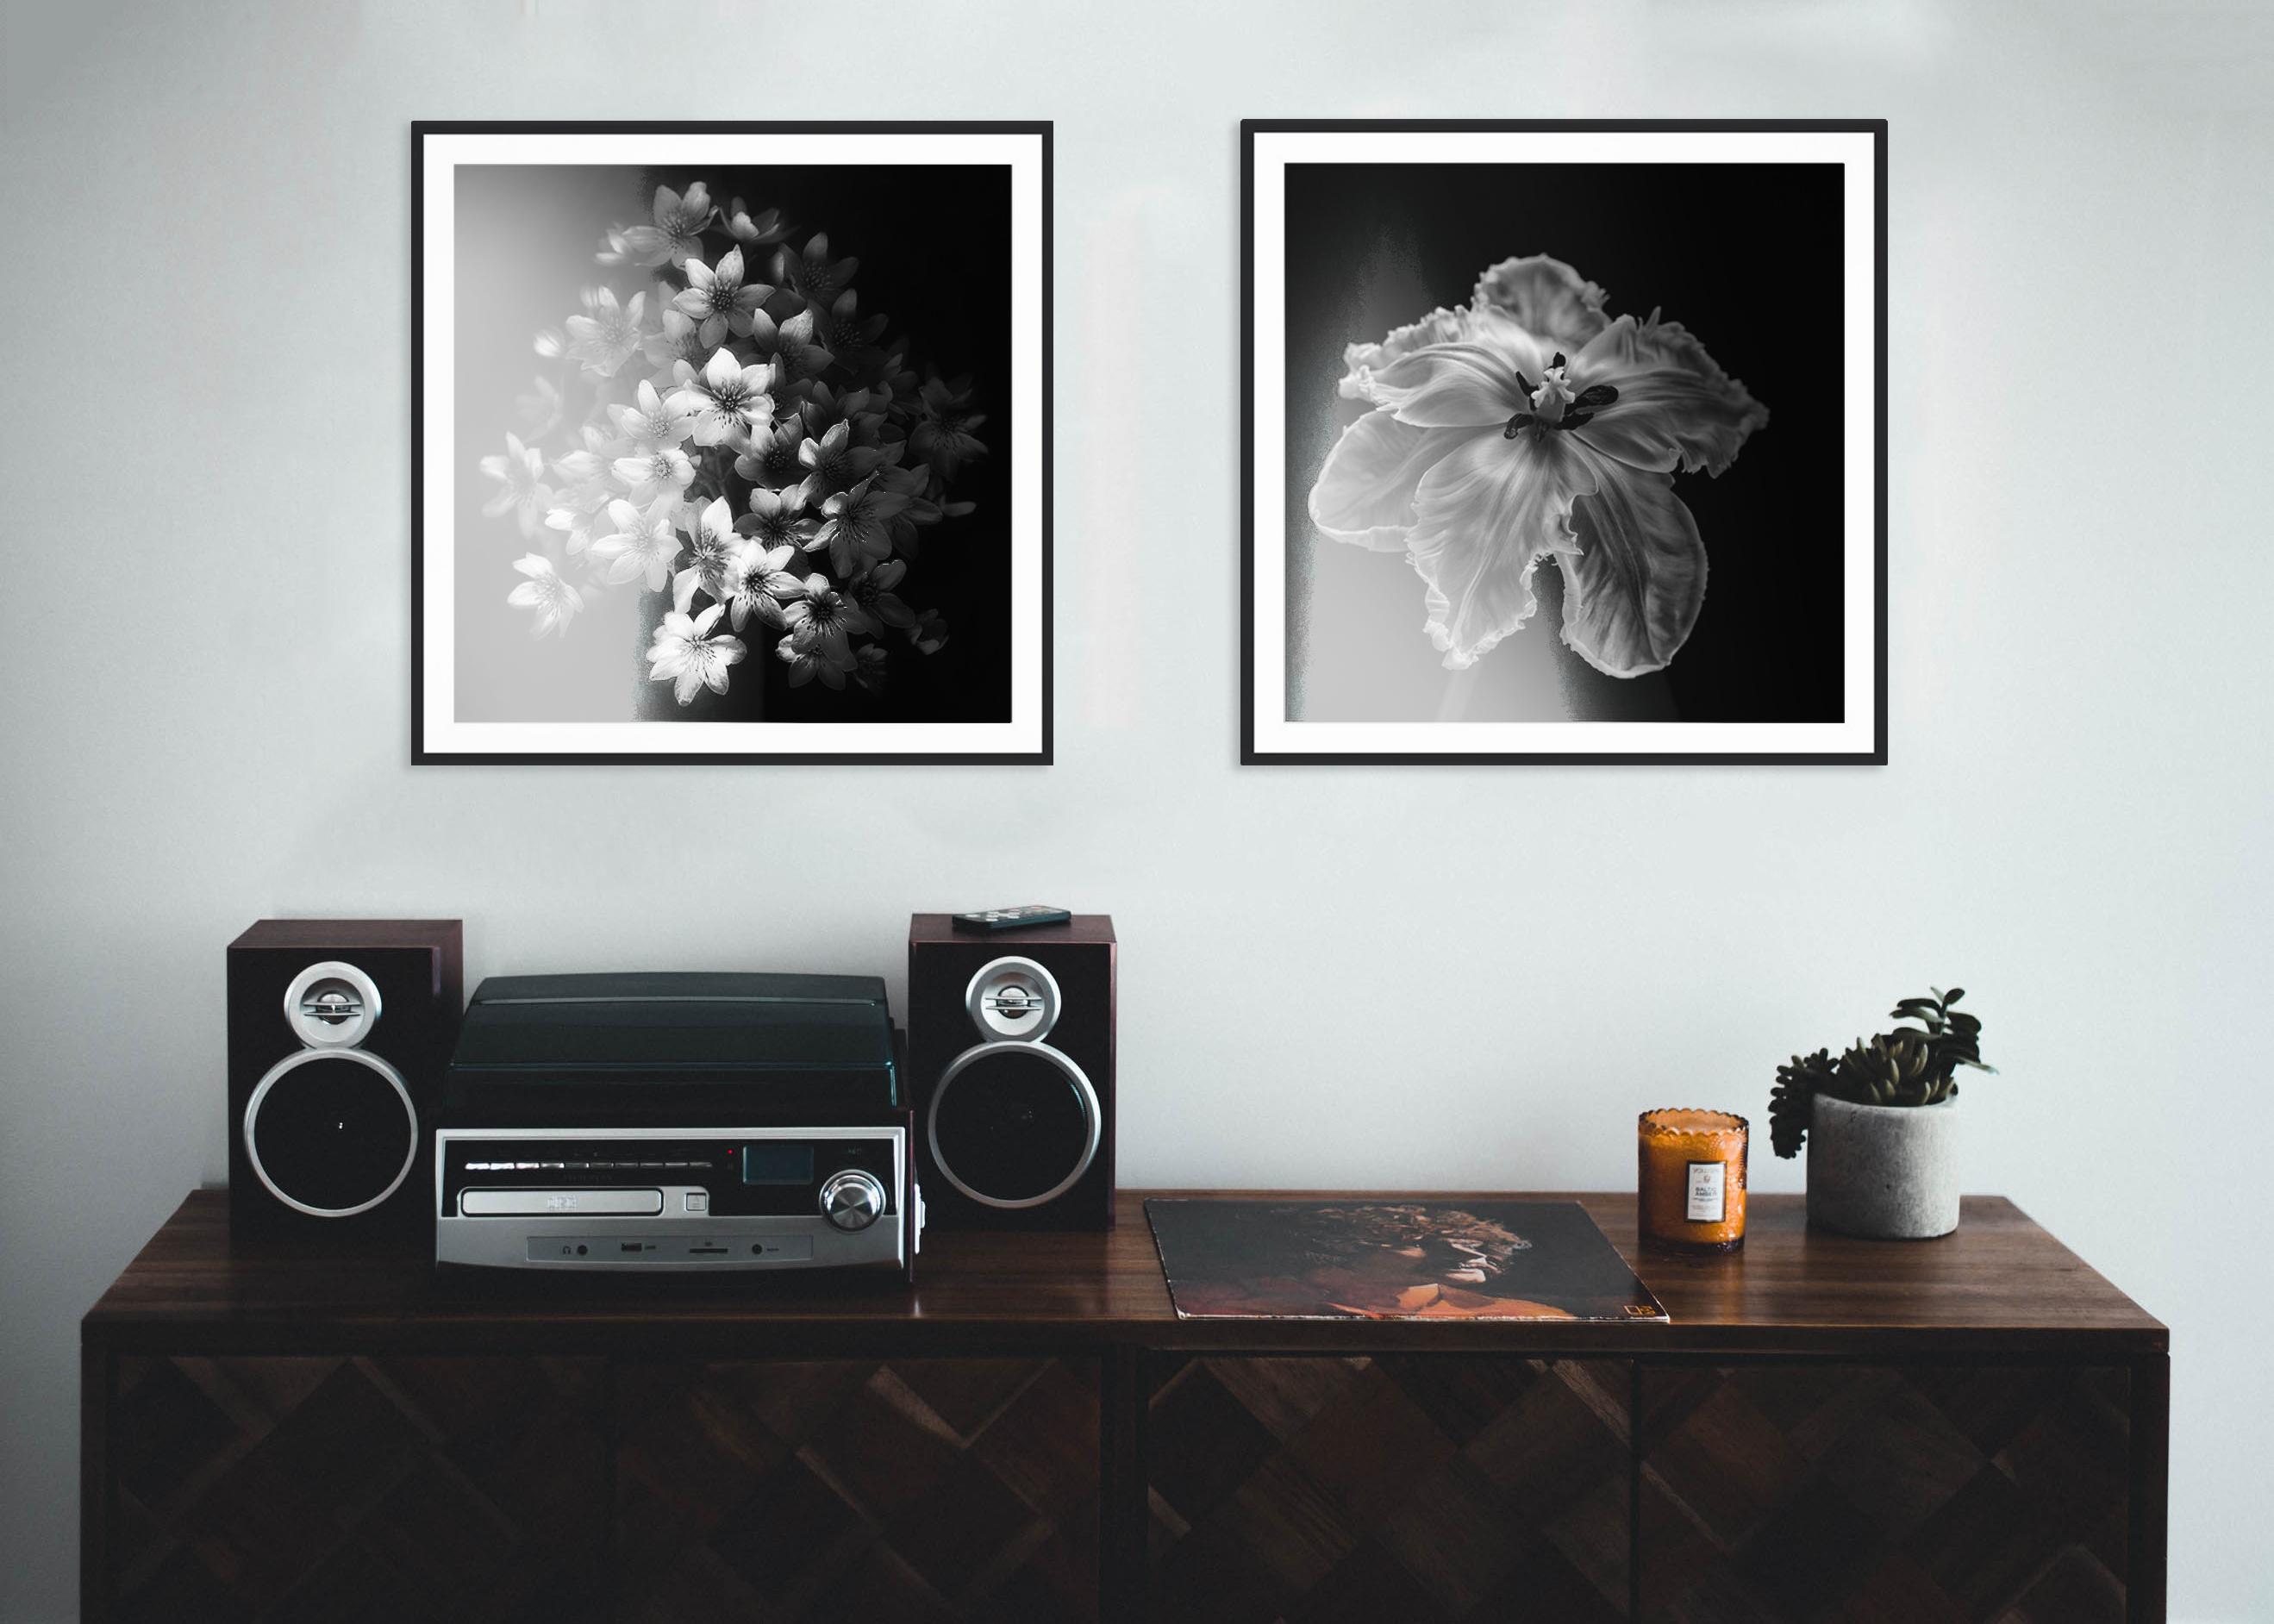 Inspiráció: 5 legjobb művészi fotó, mely illik otthonába